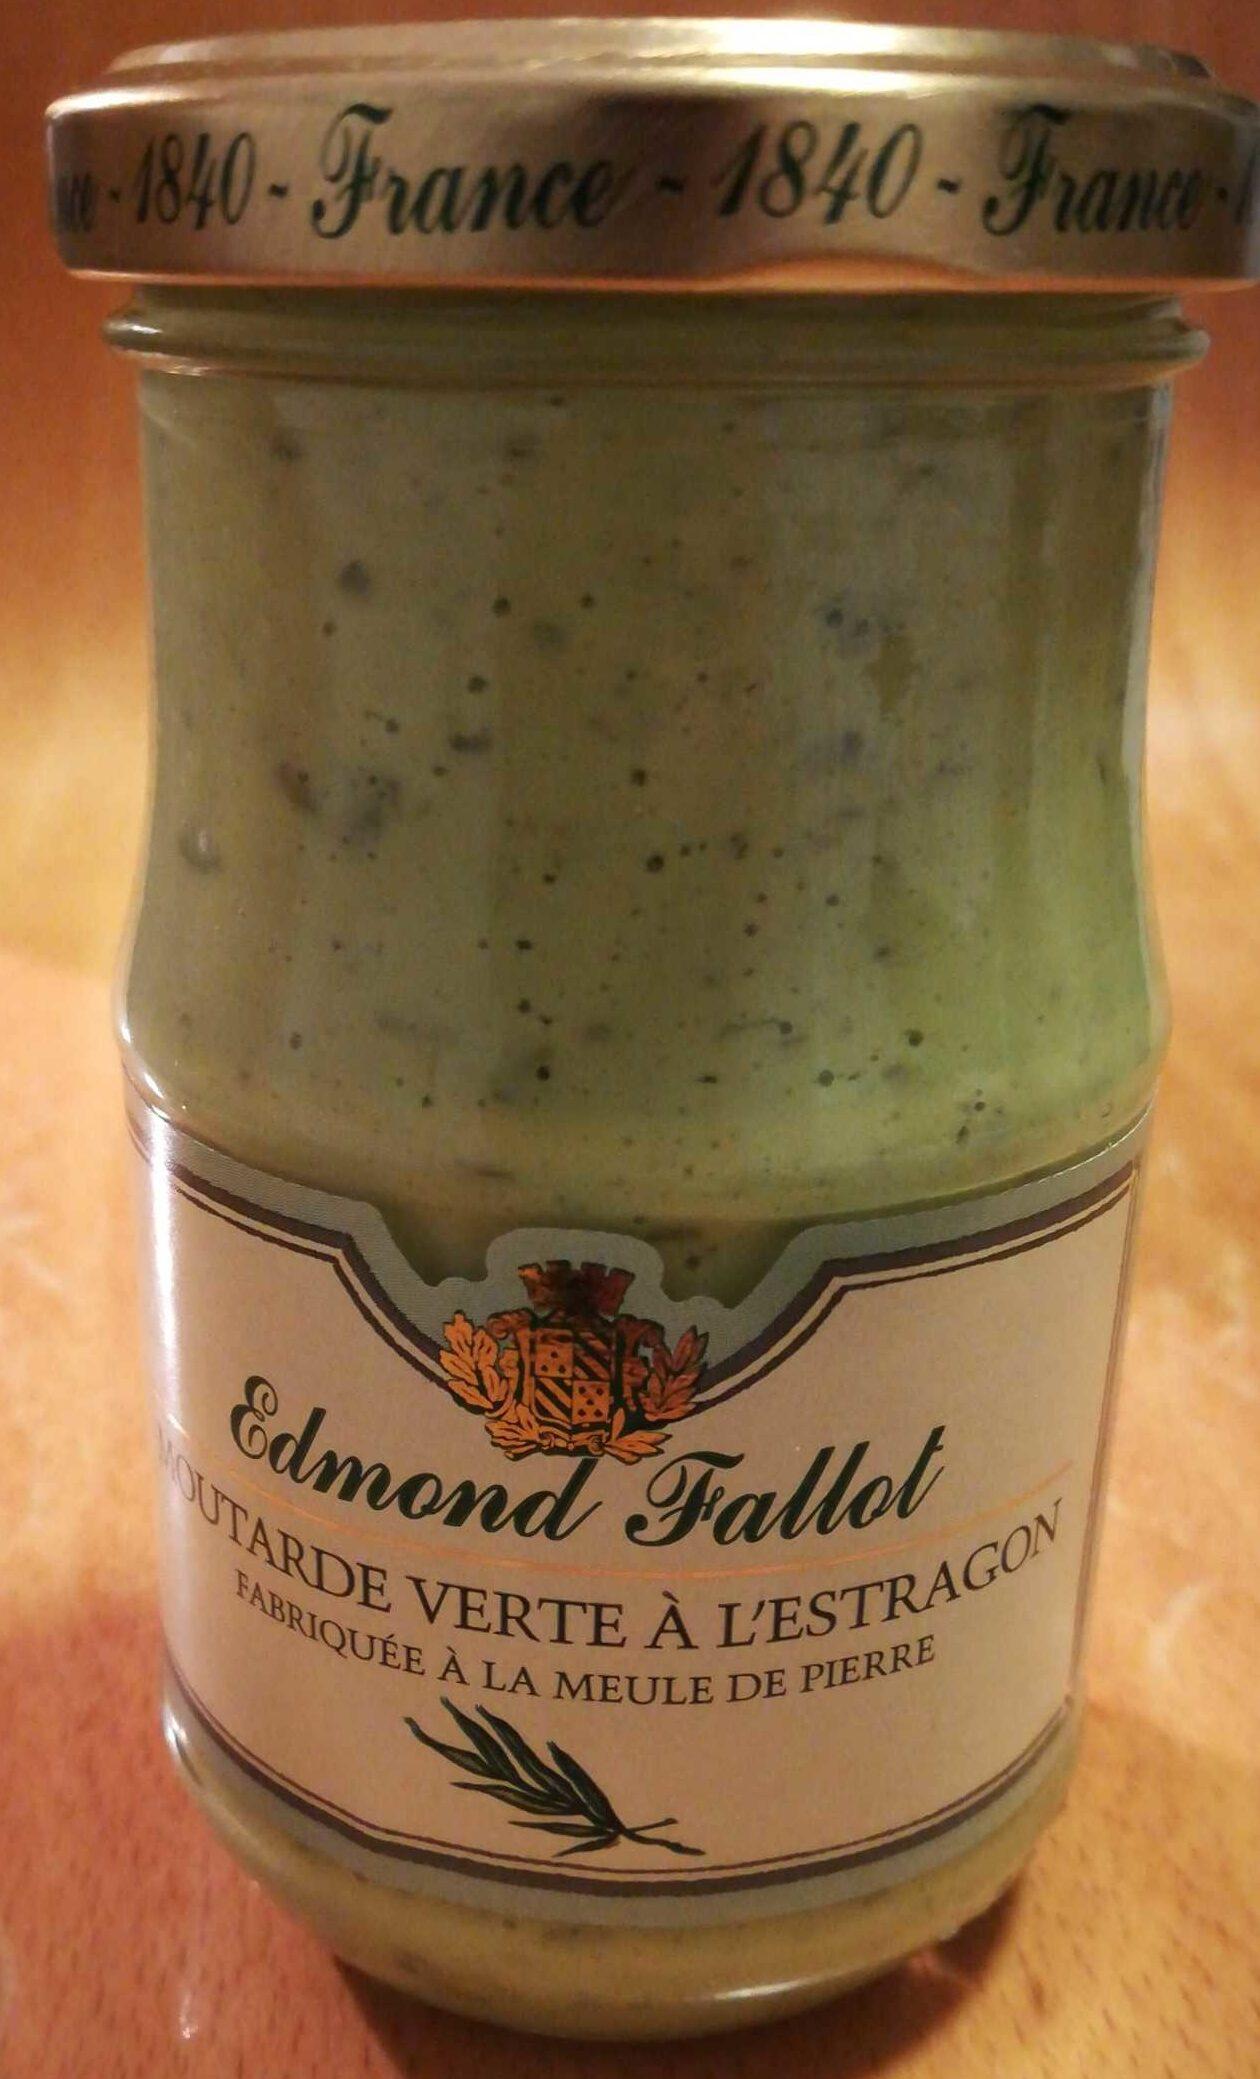 Moutarde verte à l'estragon - Product - fr